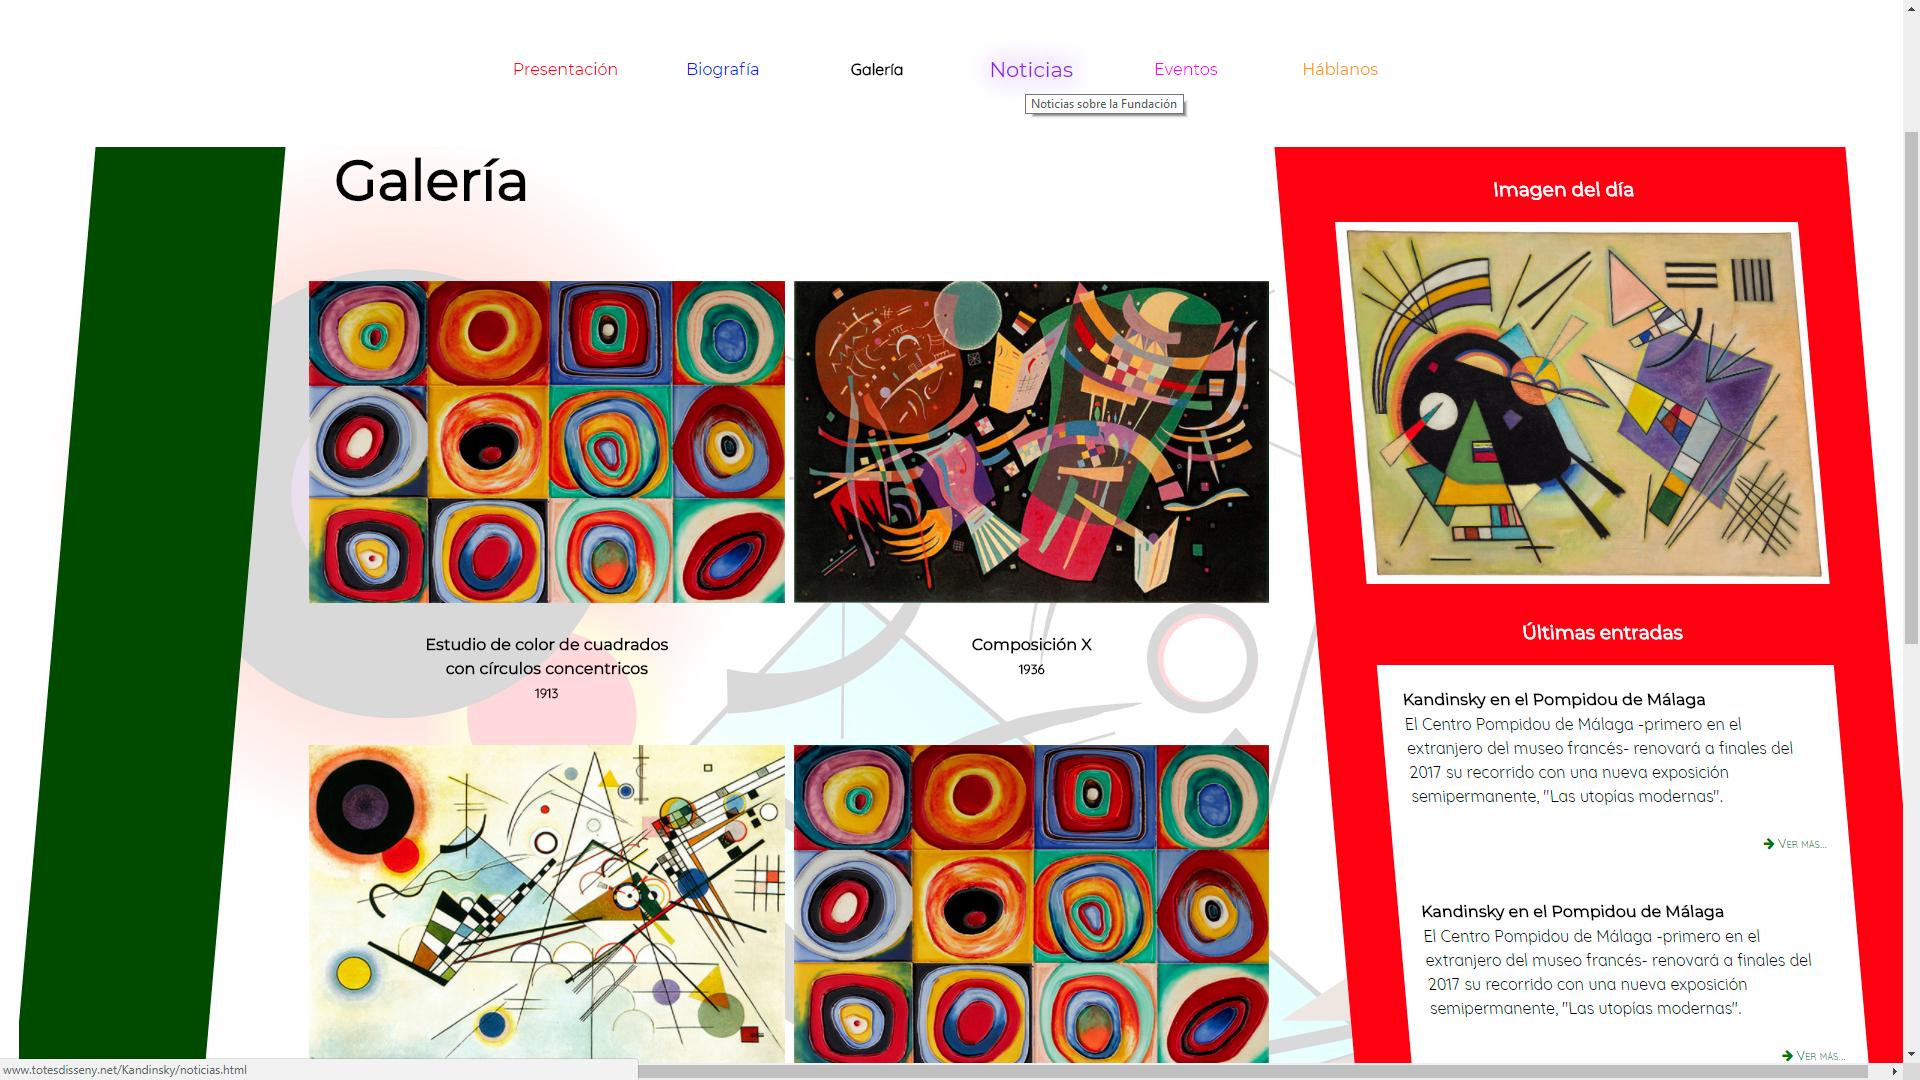 página de Kandinsky: la galería